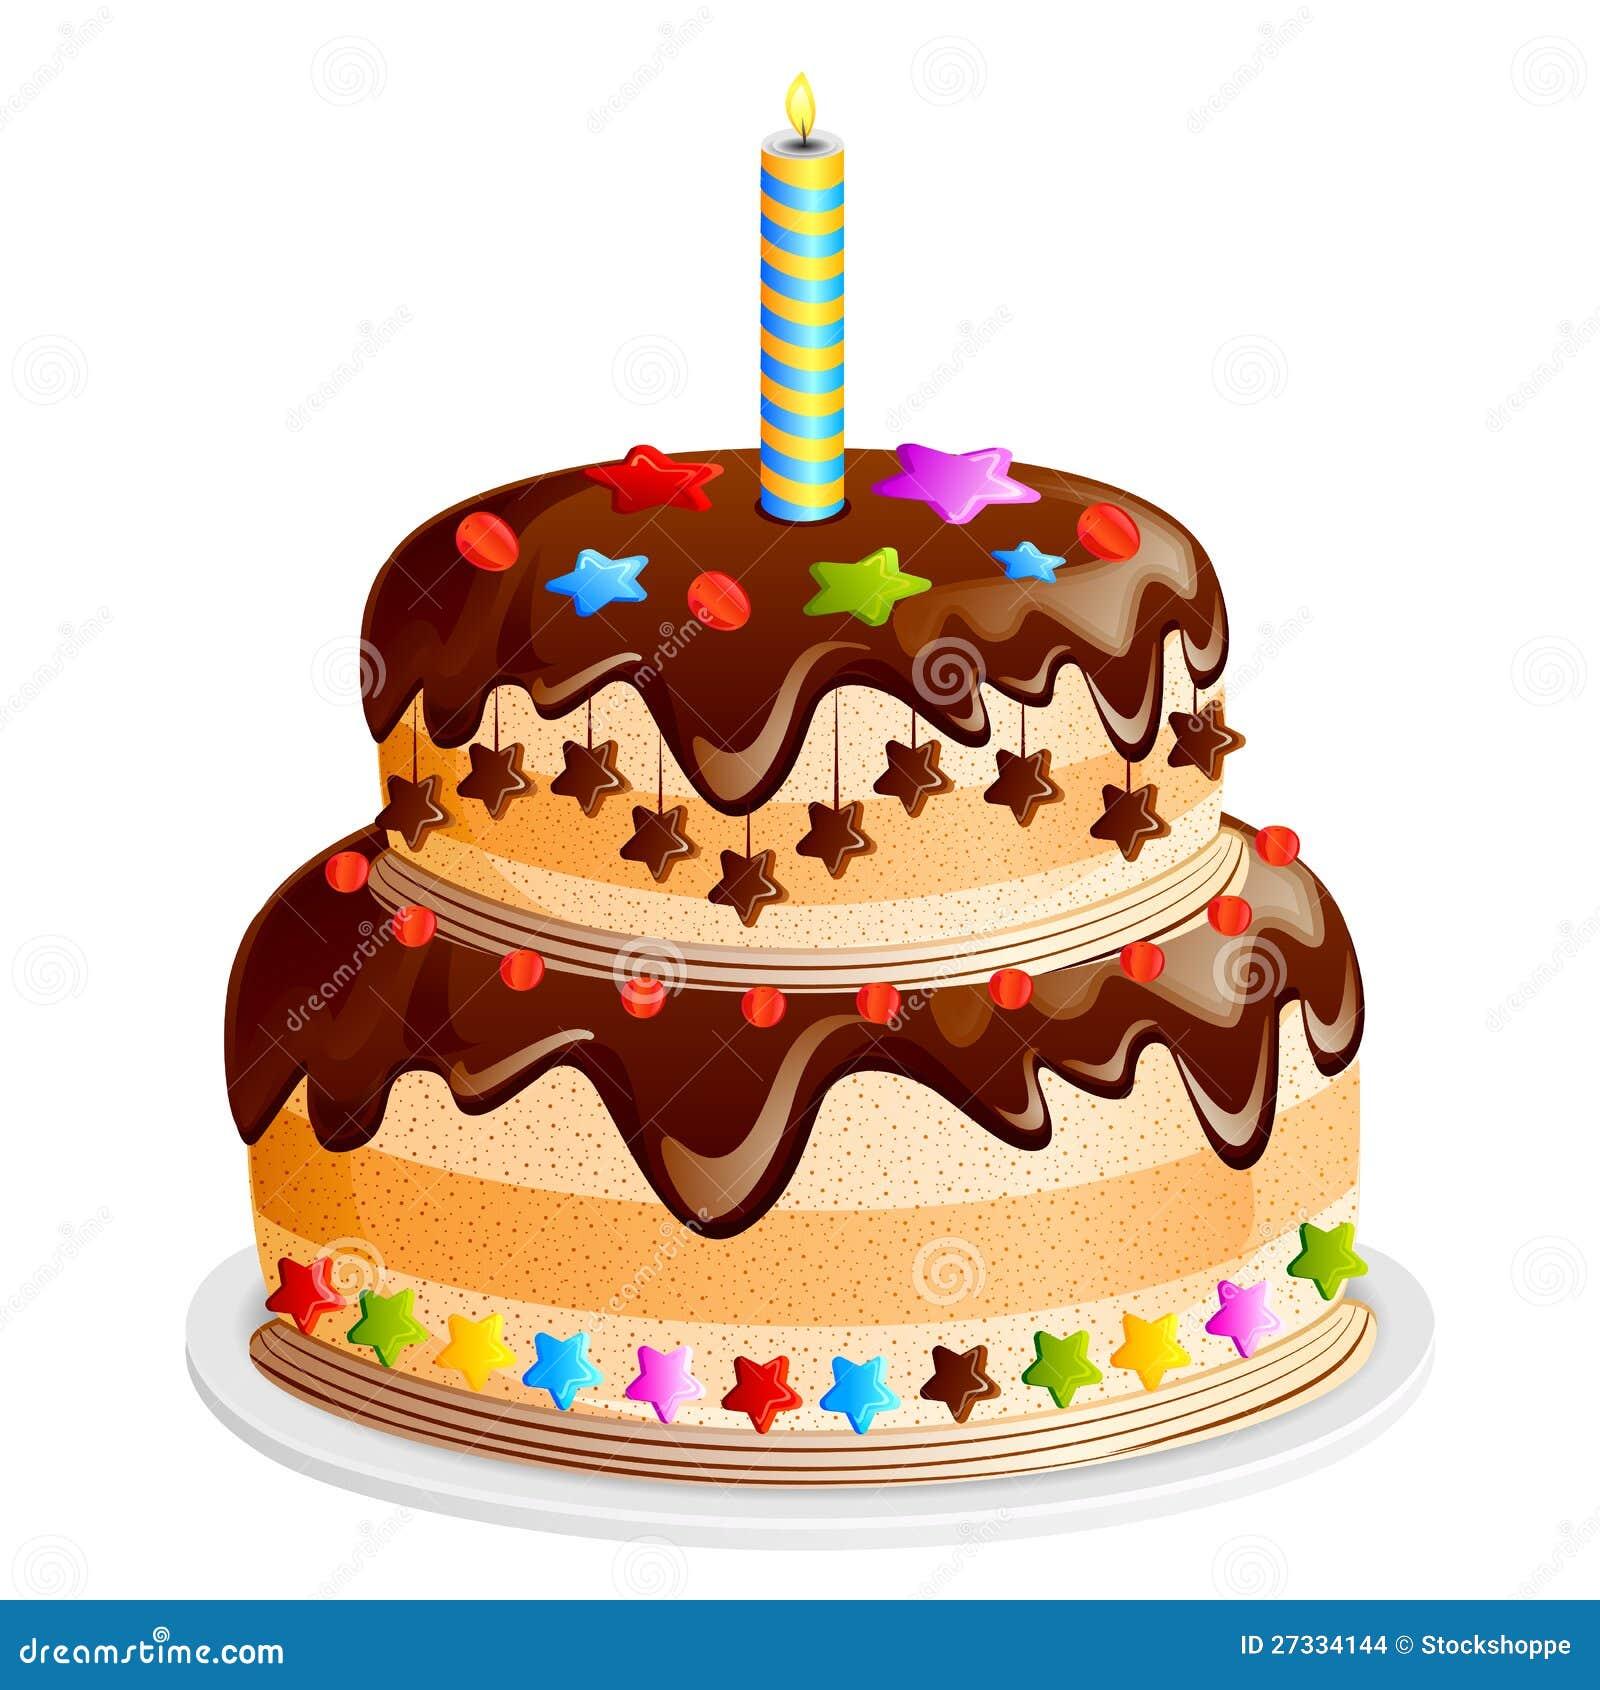 Yummy Chocolate Birthday Cake